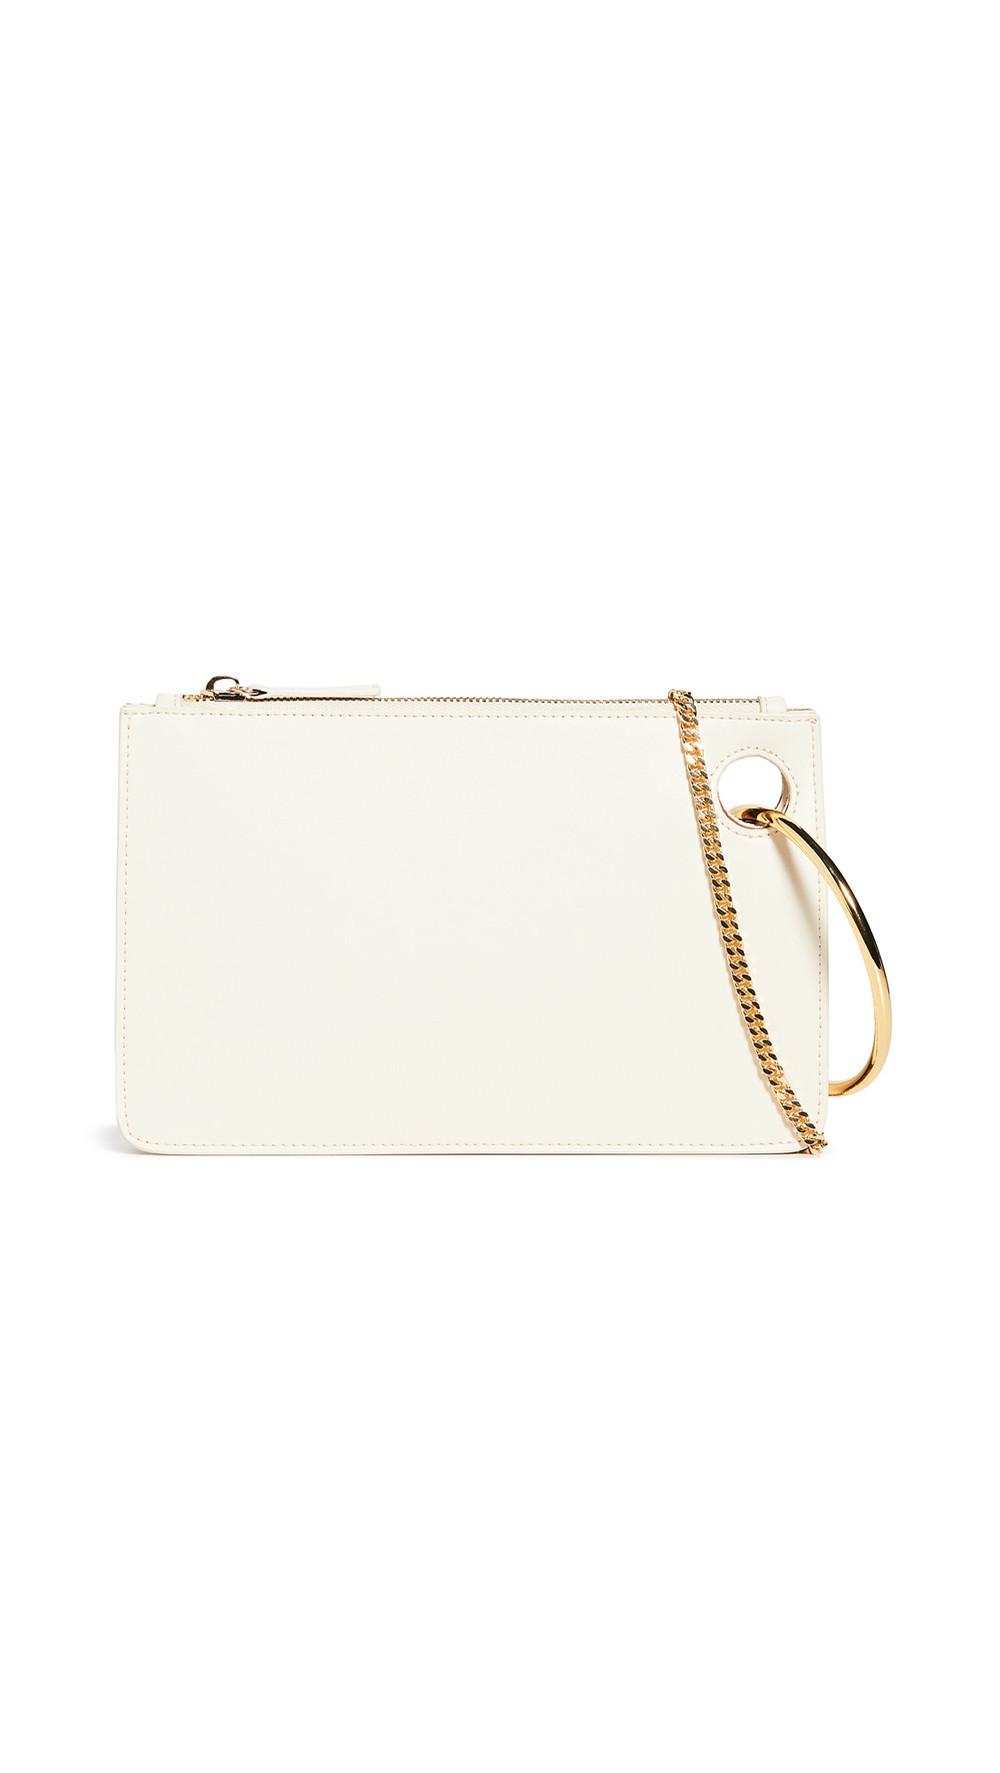 Parisa Wang Hooked Chain Bag in brown / cream